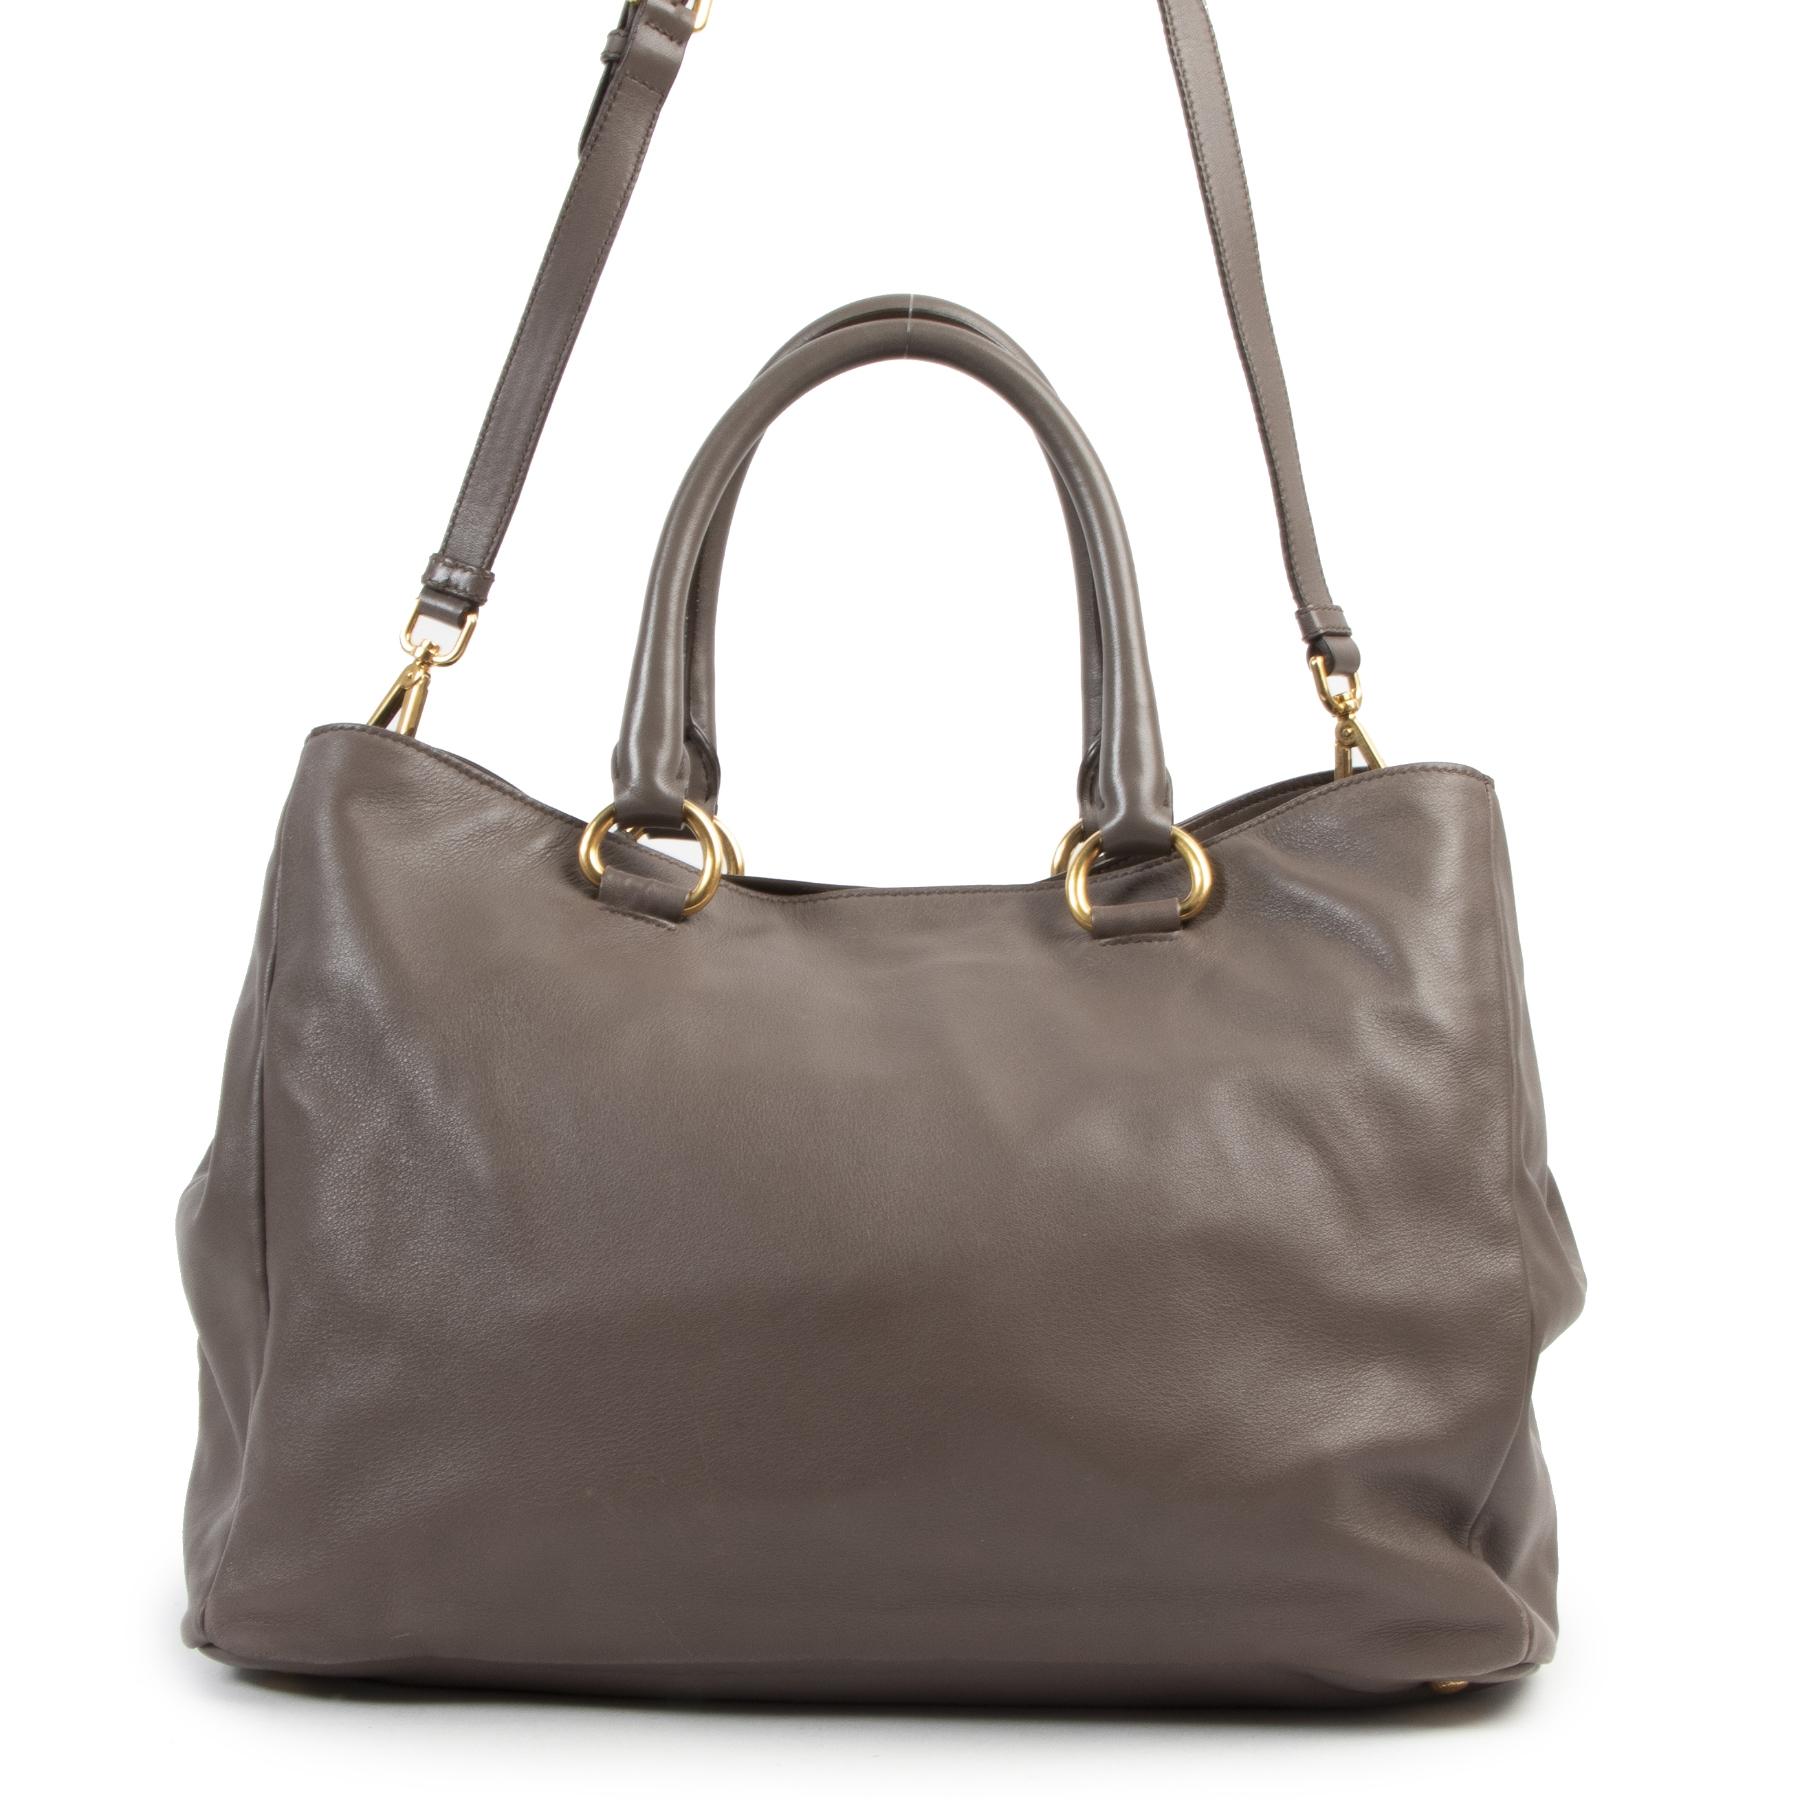 Authentieke Tweedehands Prada Grey Bambu Top Handle Bag juiste prijs veilig online shoppen luxe merken webshop winkelen Antwerpen België mode fashion